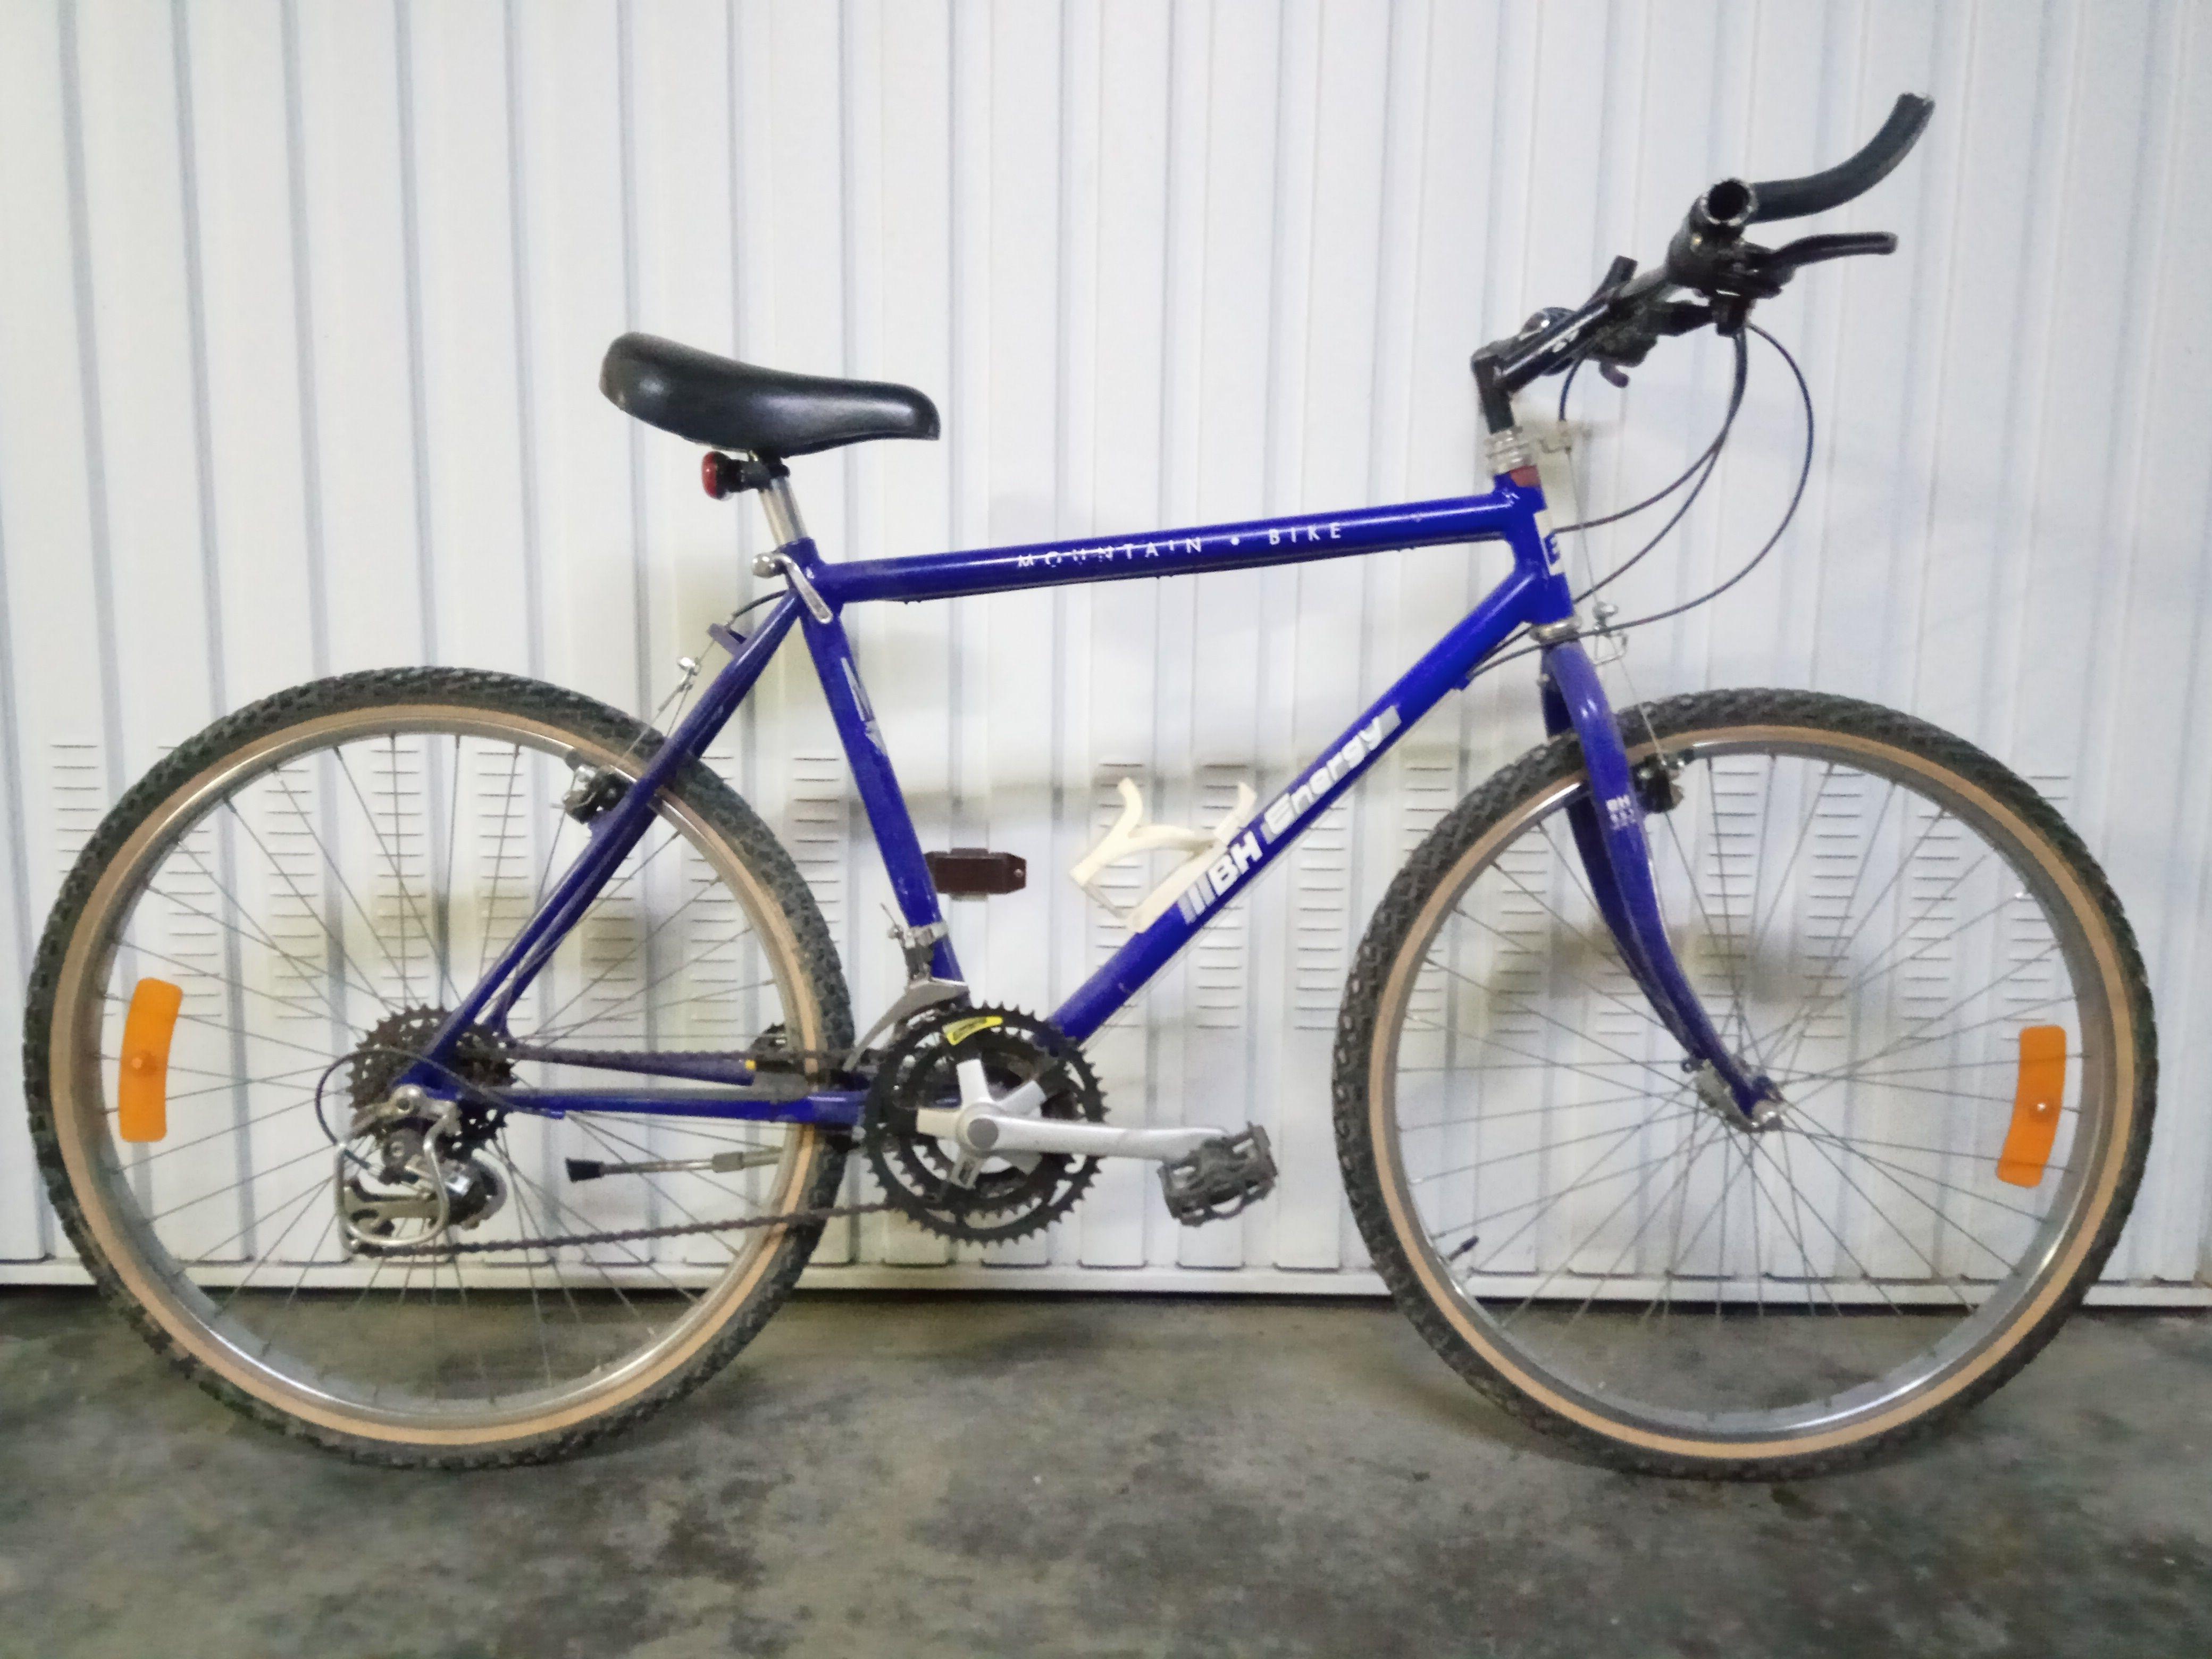 Bicicleta Bh Energy 60€ MARCA: Bh MODELO: Energy CLASE: Montaña ...